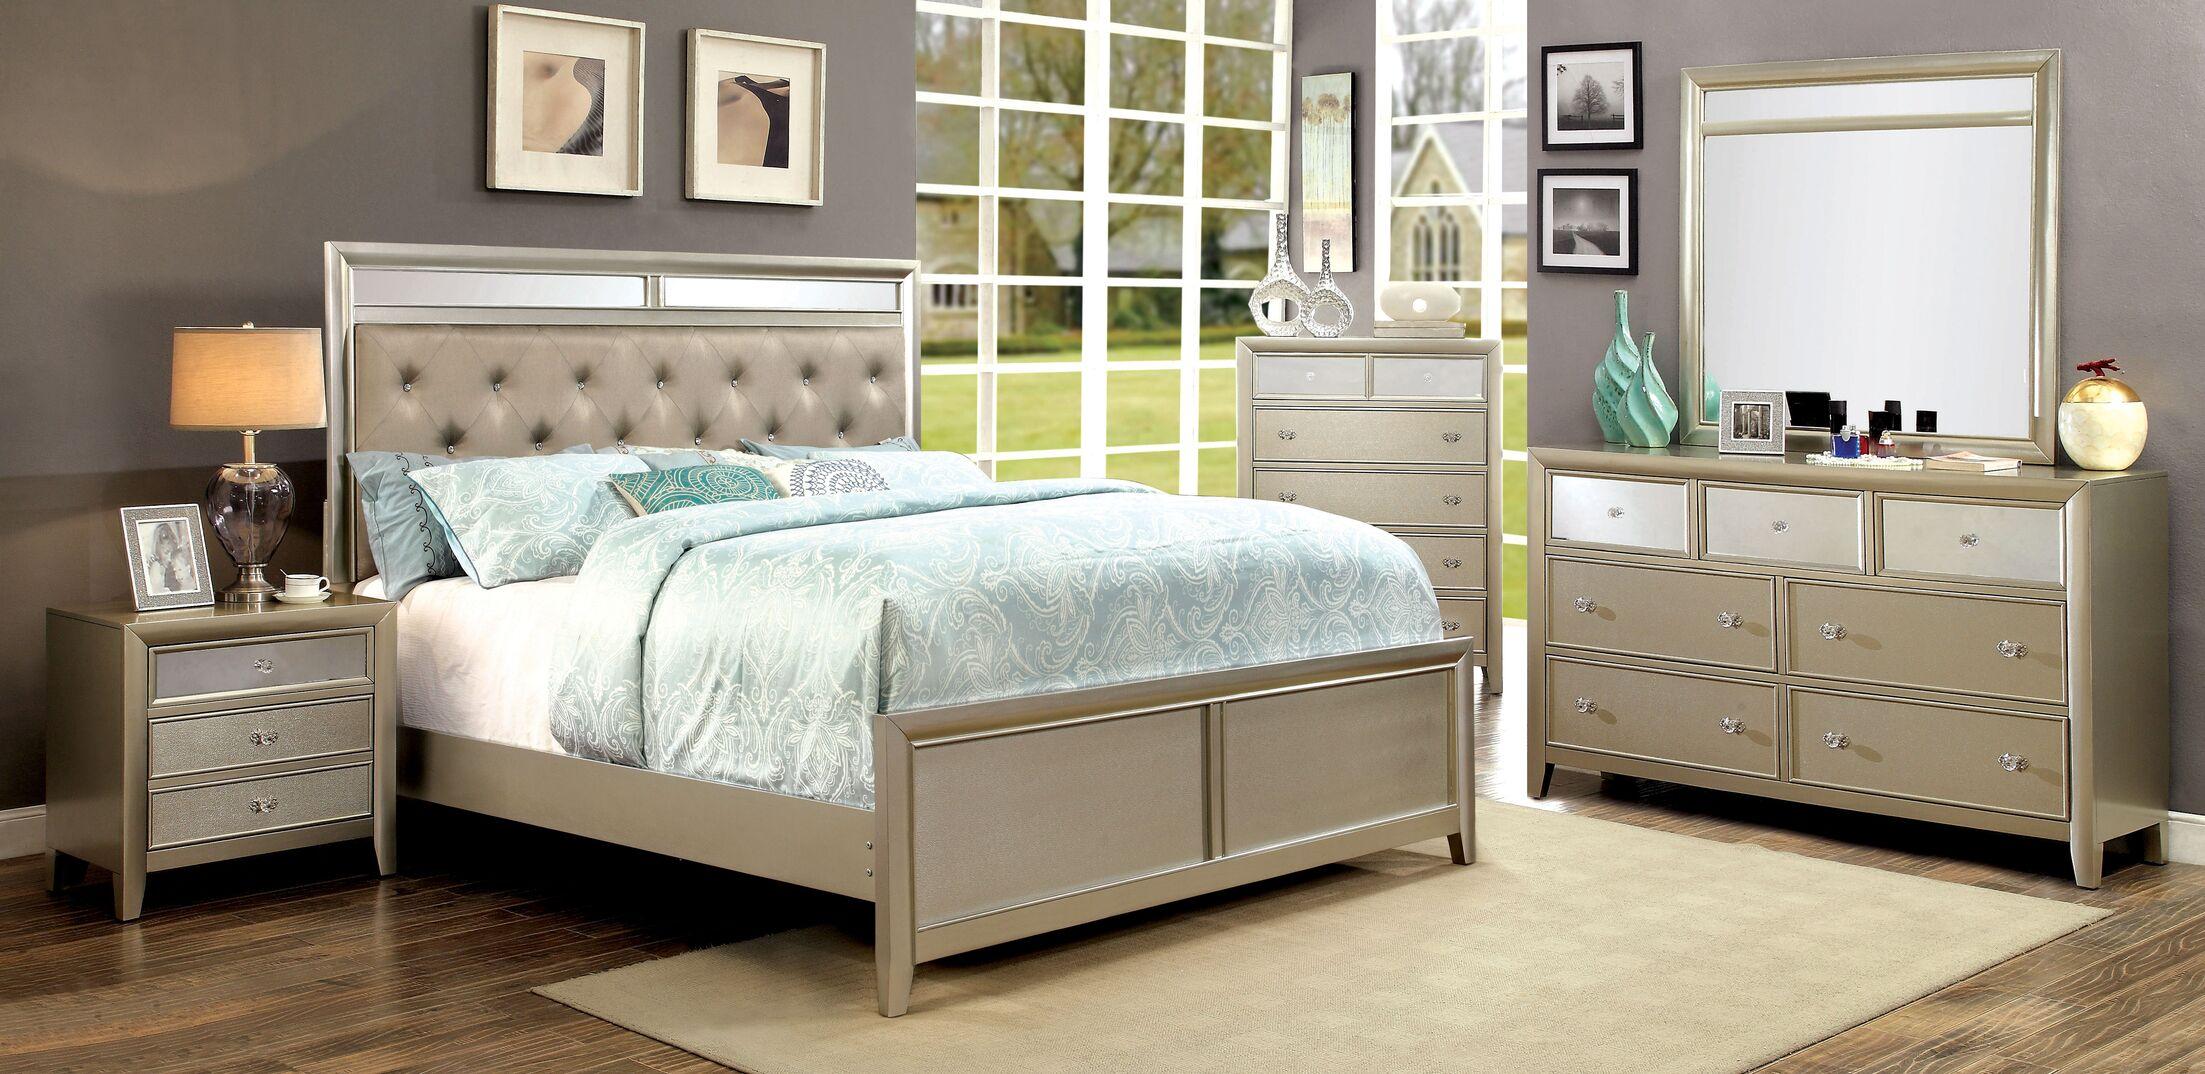 Herve Platform Configurable Bedroom Set